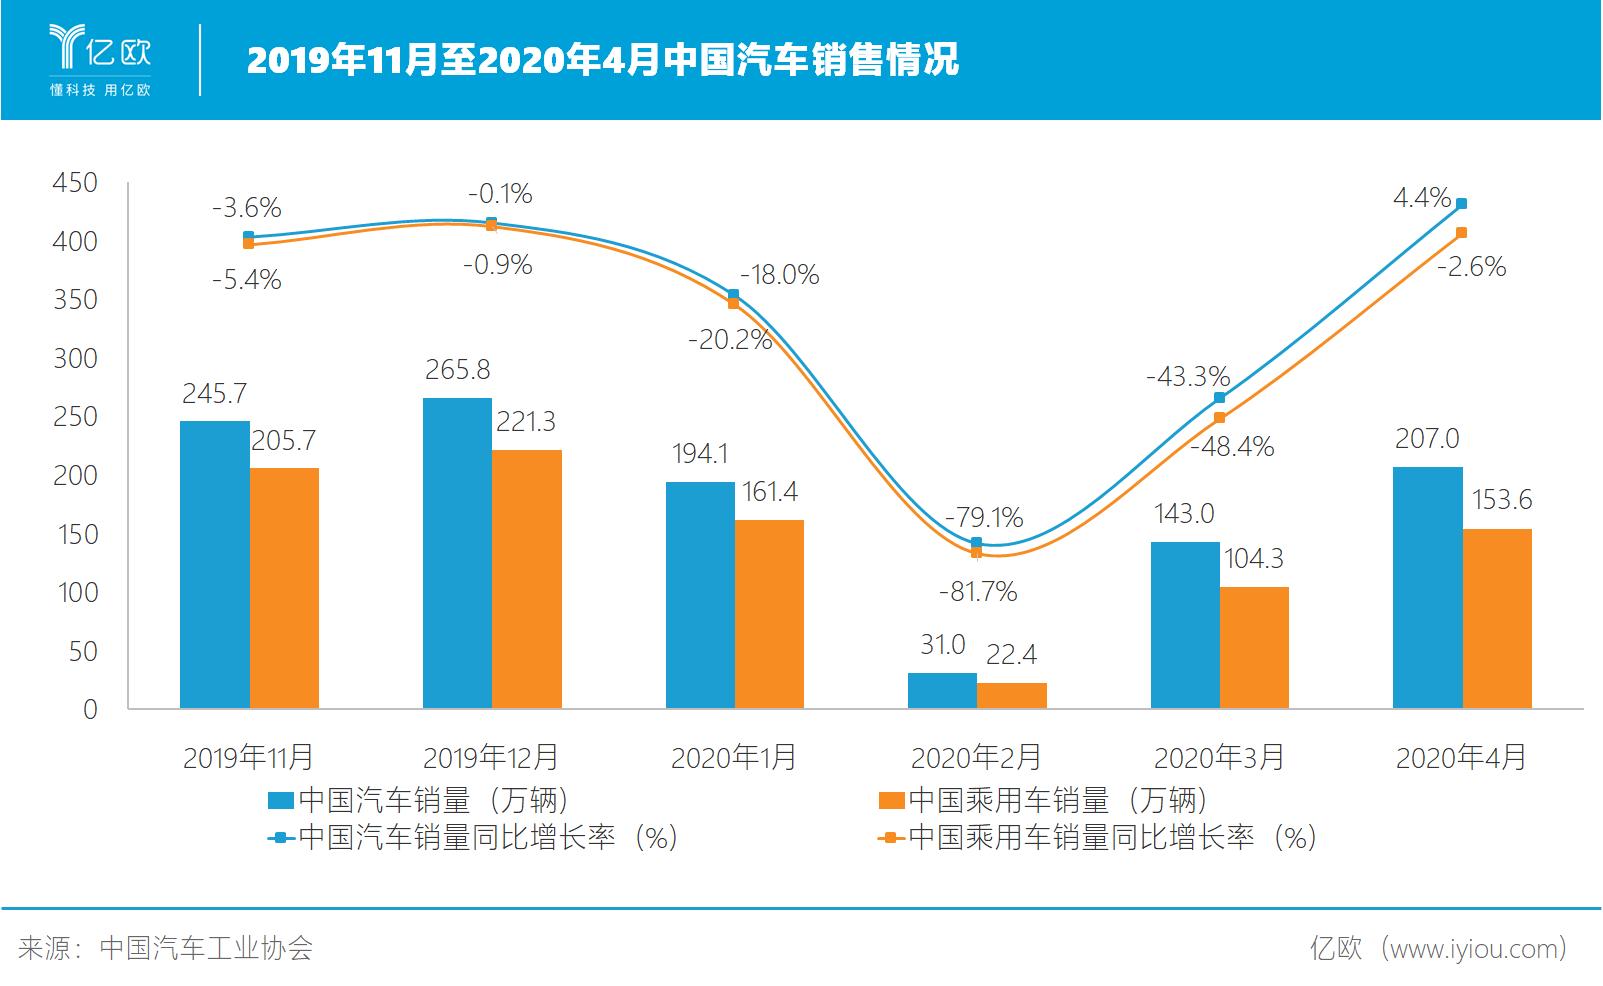 2019年11月至2020年4月中国汽车出售情况